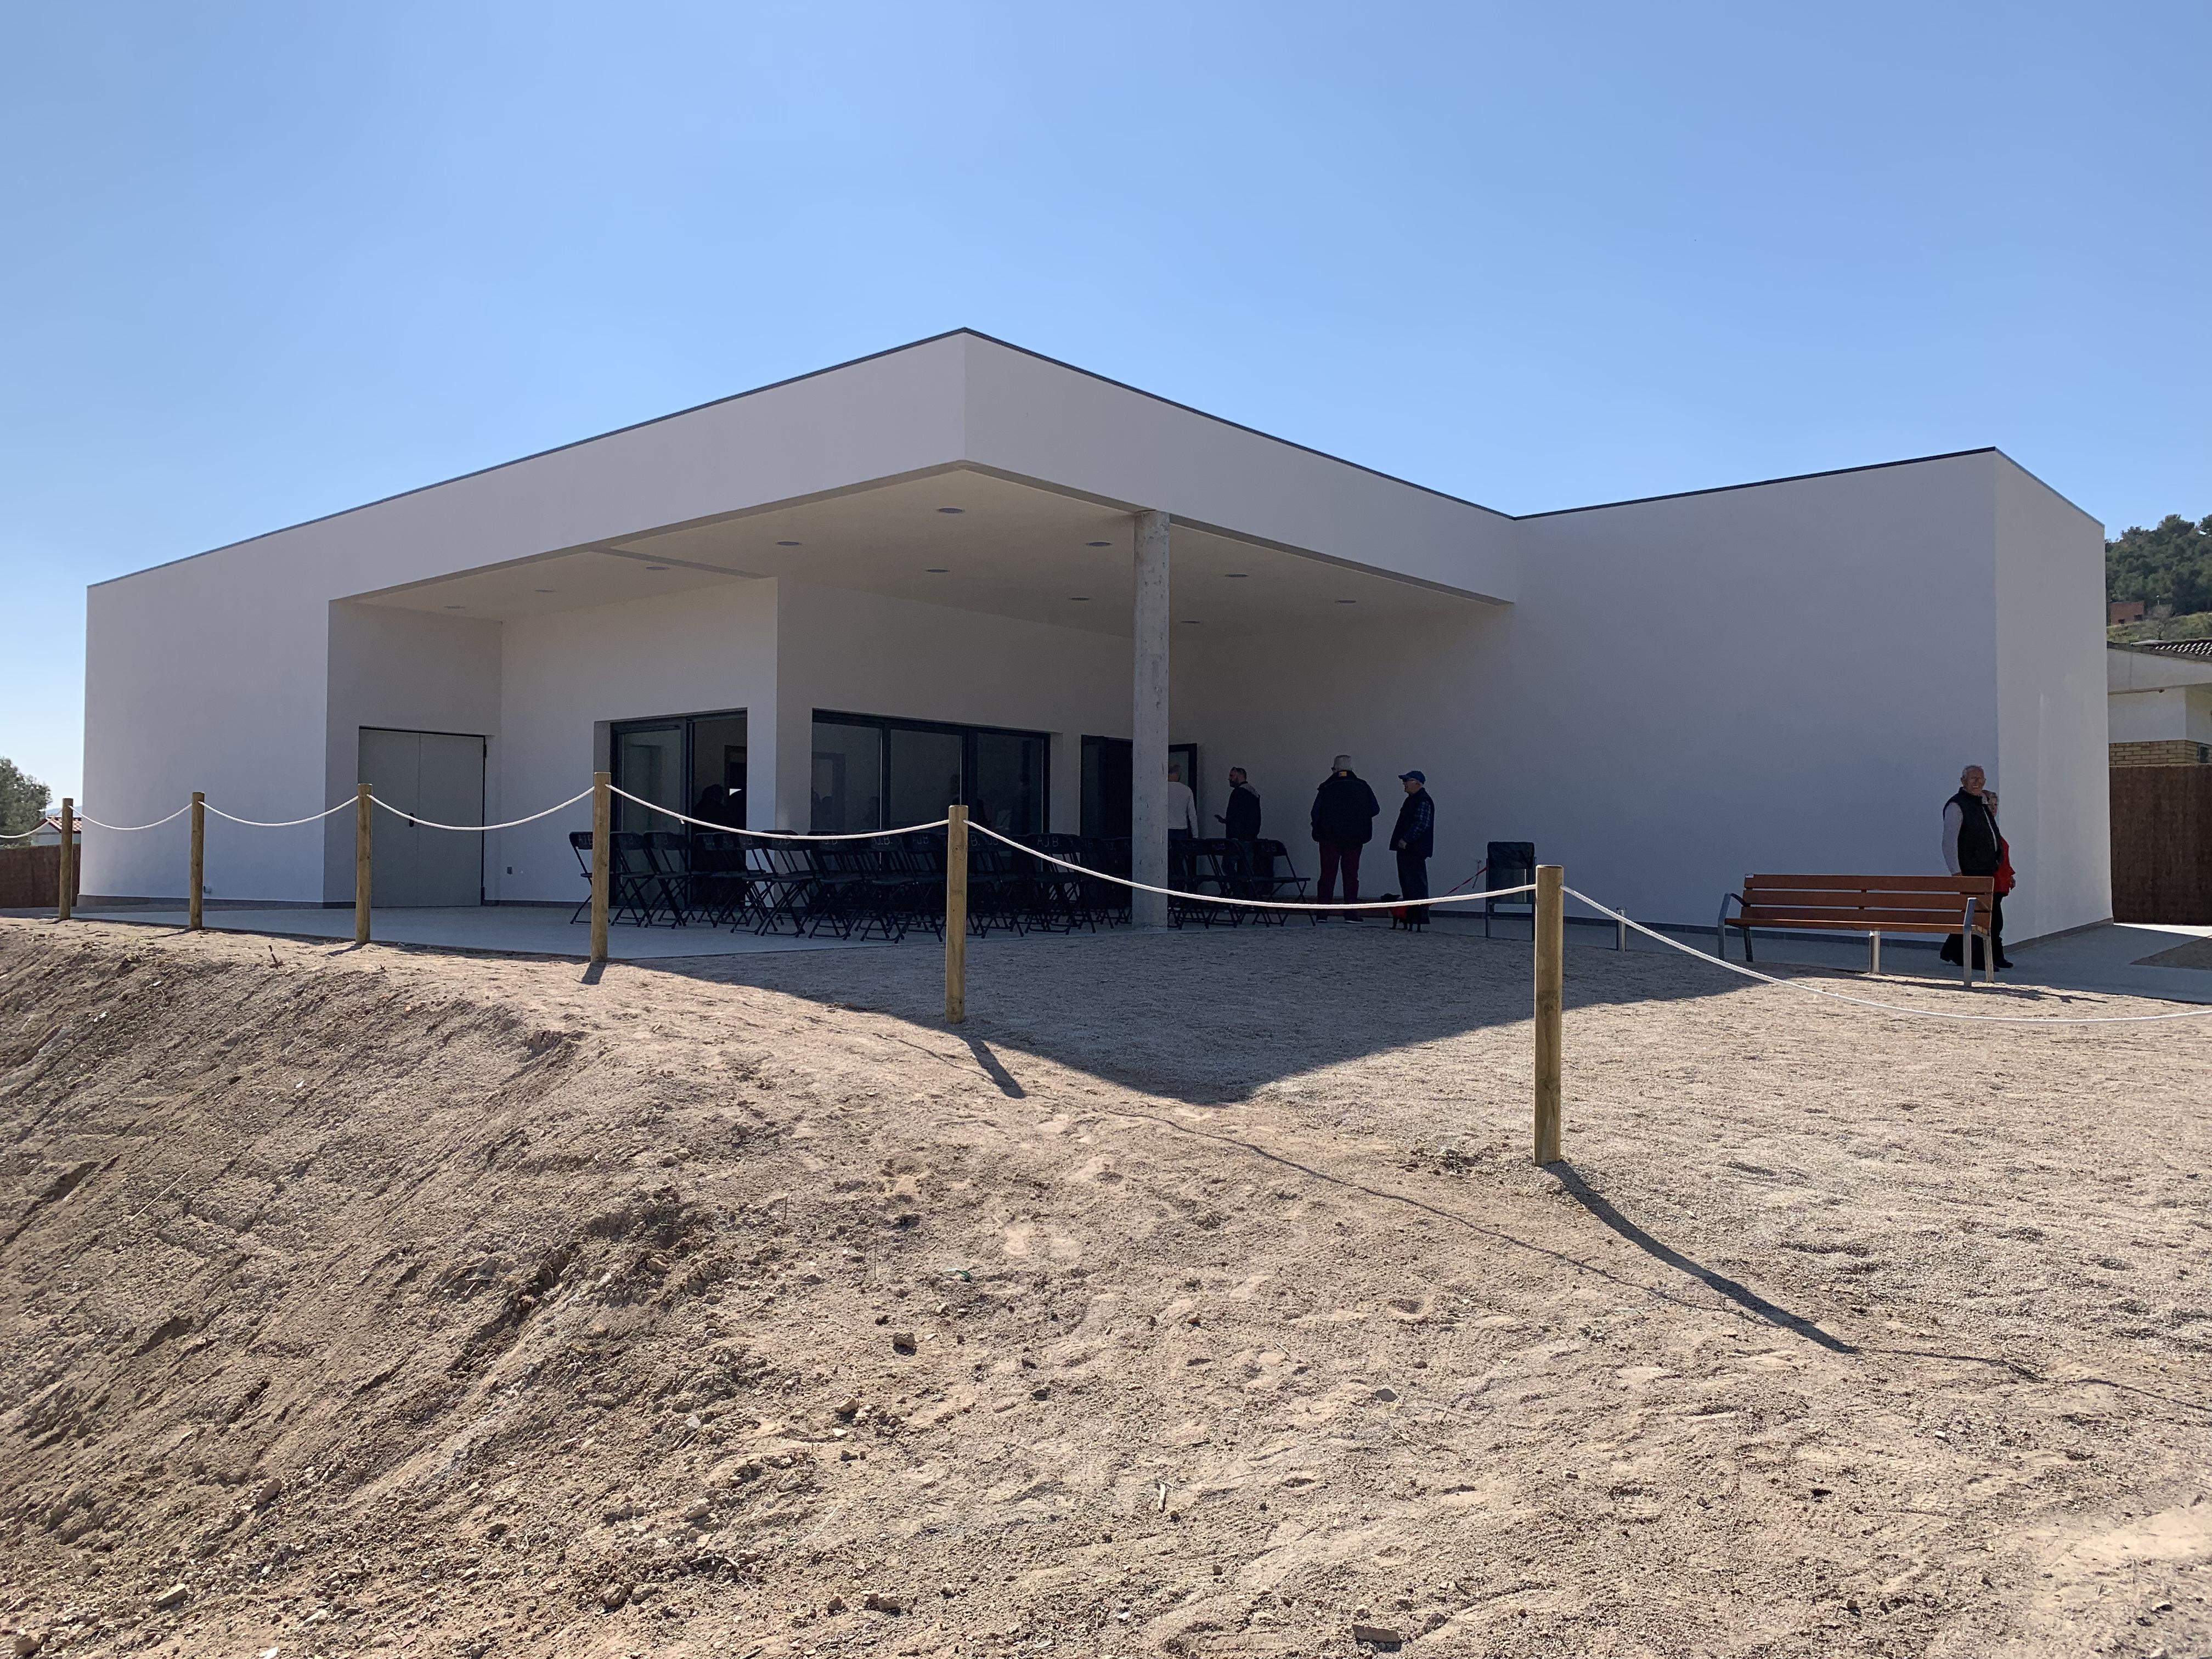 El local social de la Miralba ja és una realitat: aquest dissabte 2 de març s'ha inaugurat